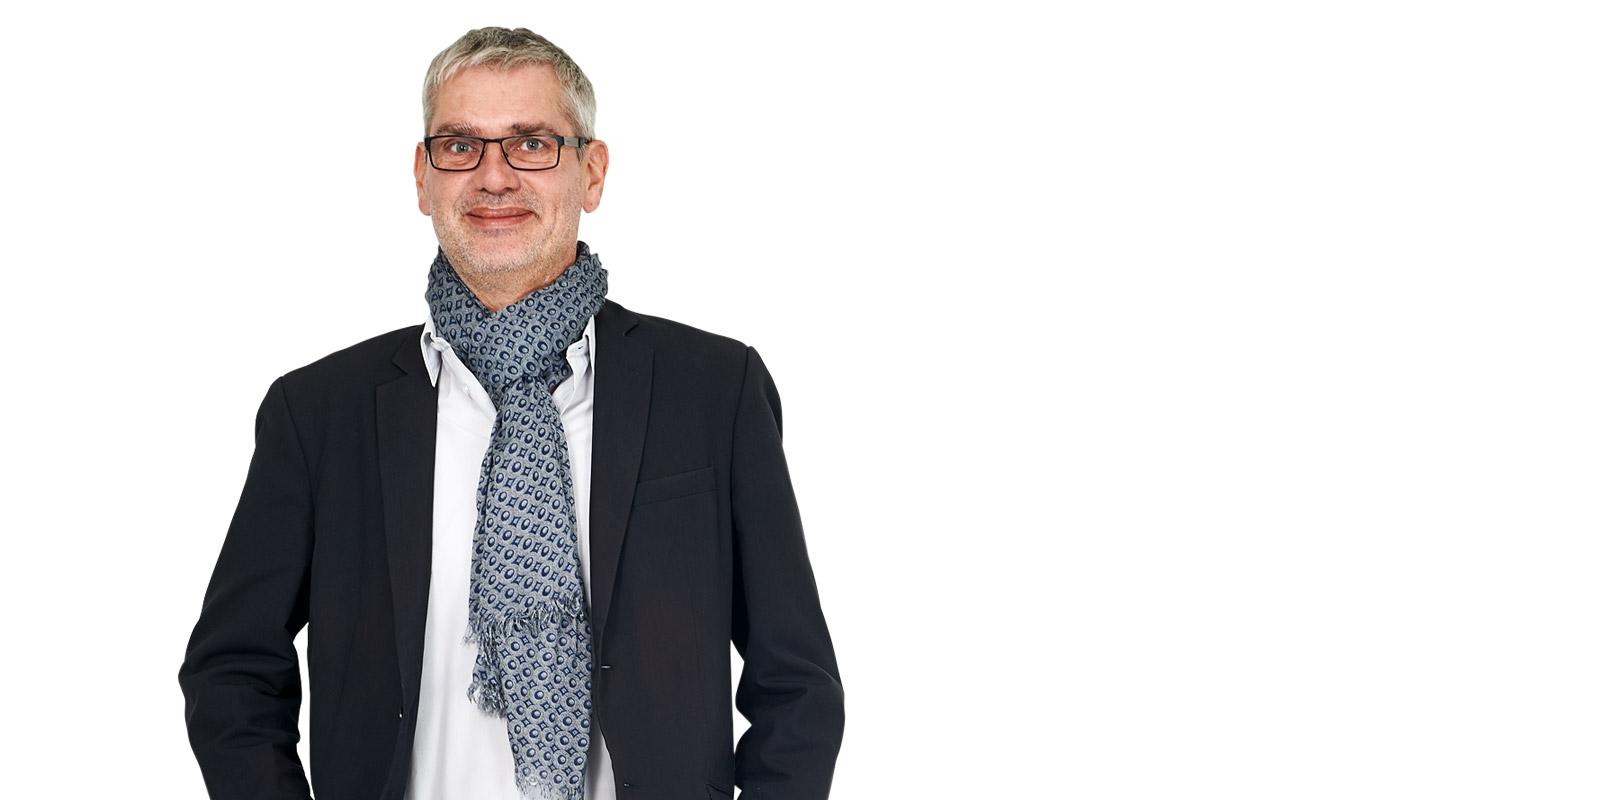 Dirk Opdenplatz, Inhaber conpor